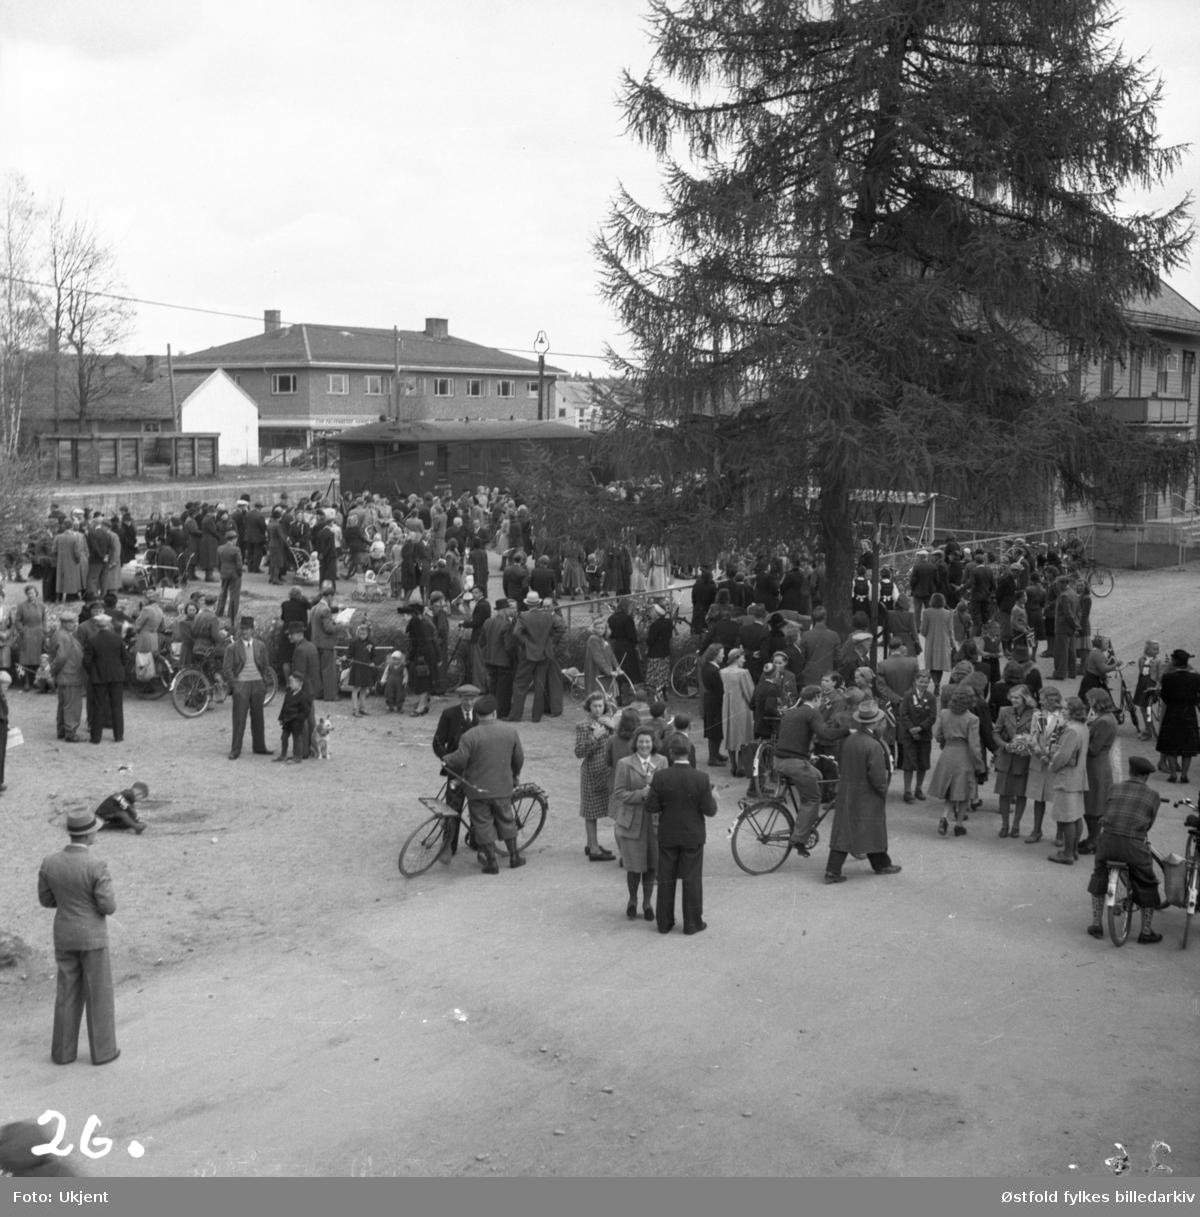 Grini-fangene kommer hjem ved frigjøringen, Askim  9. mai 1945.